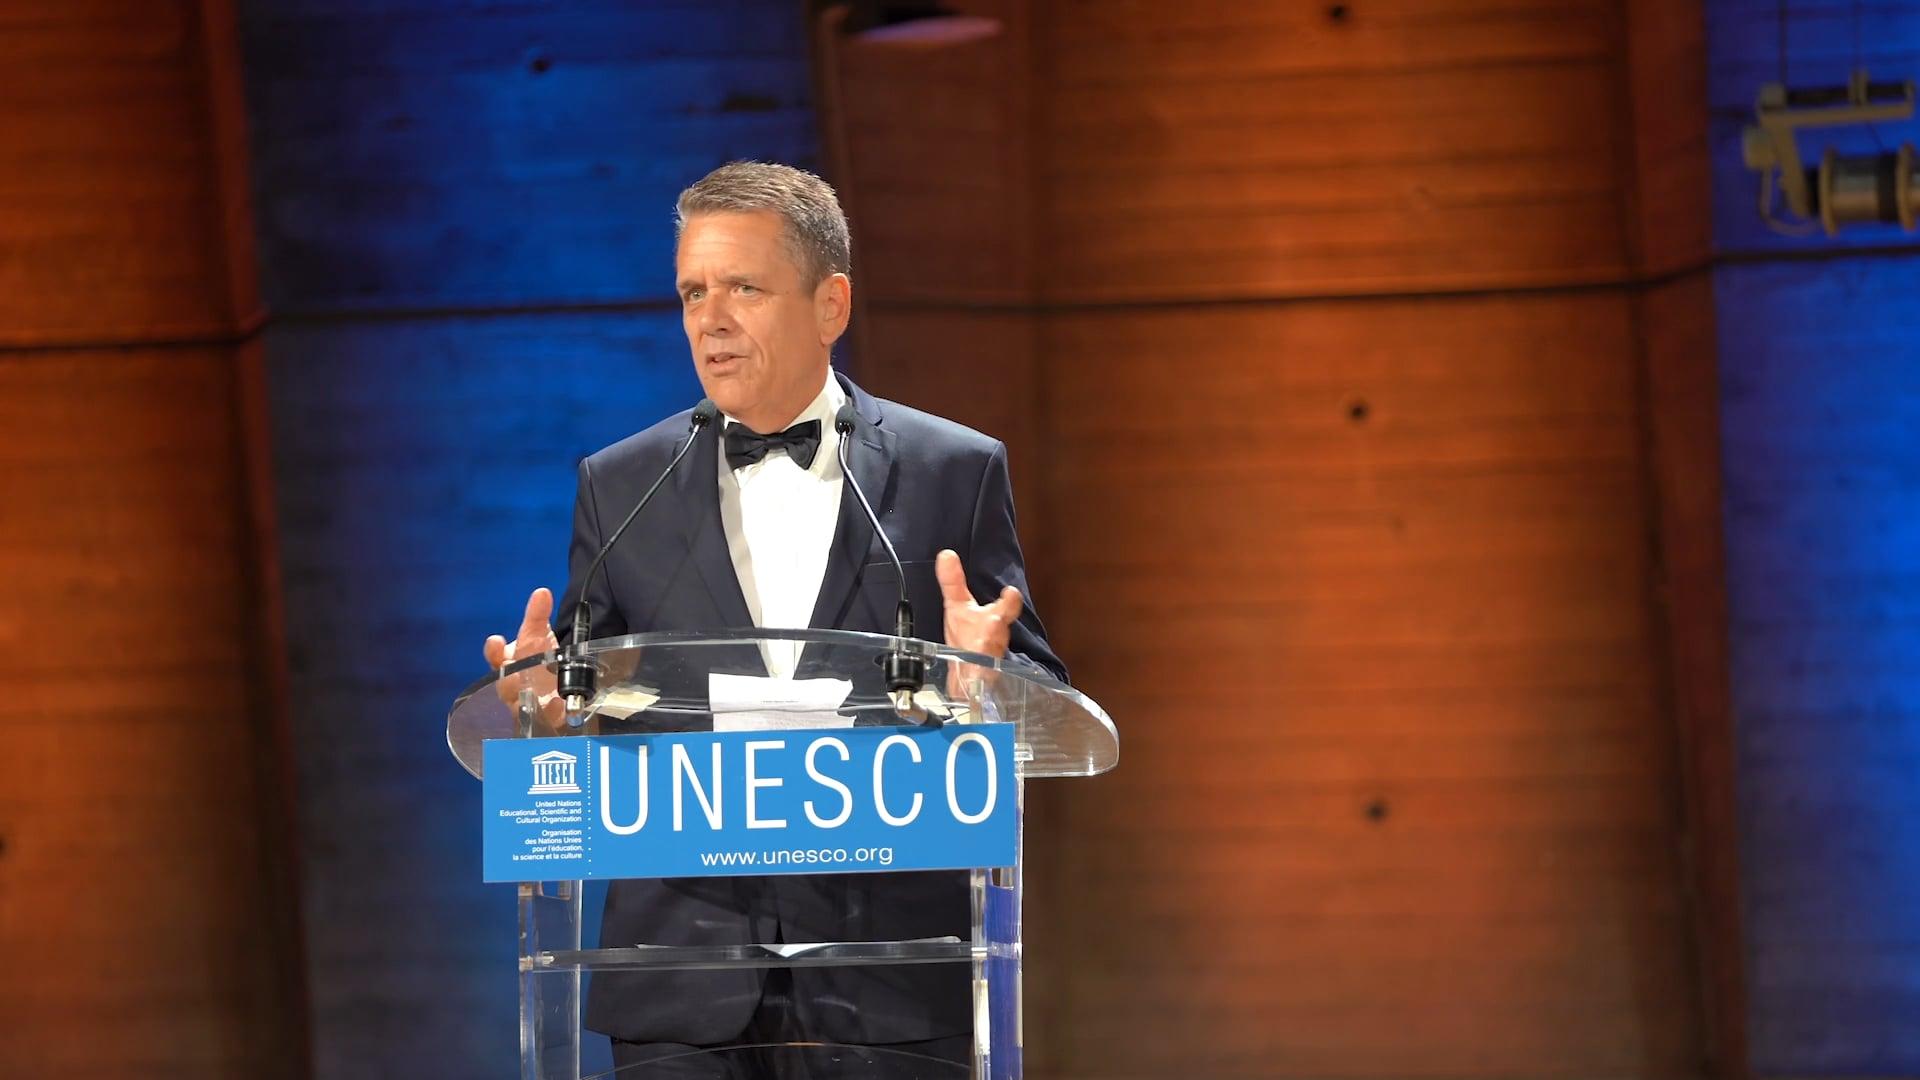 Thomas Vonier - Paris, UNESCO - 12 September 2019 / Thomas Vonier - Paris, UNESCO - 12 septembre 2019